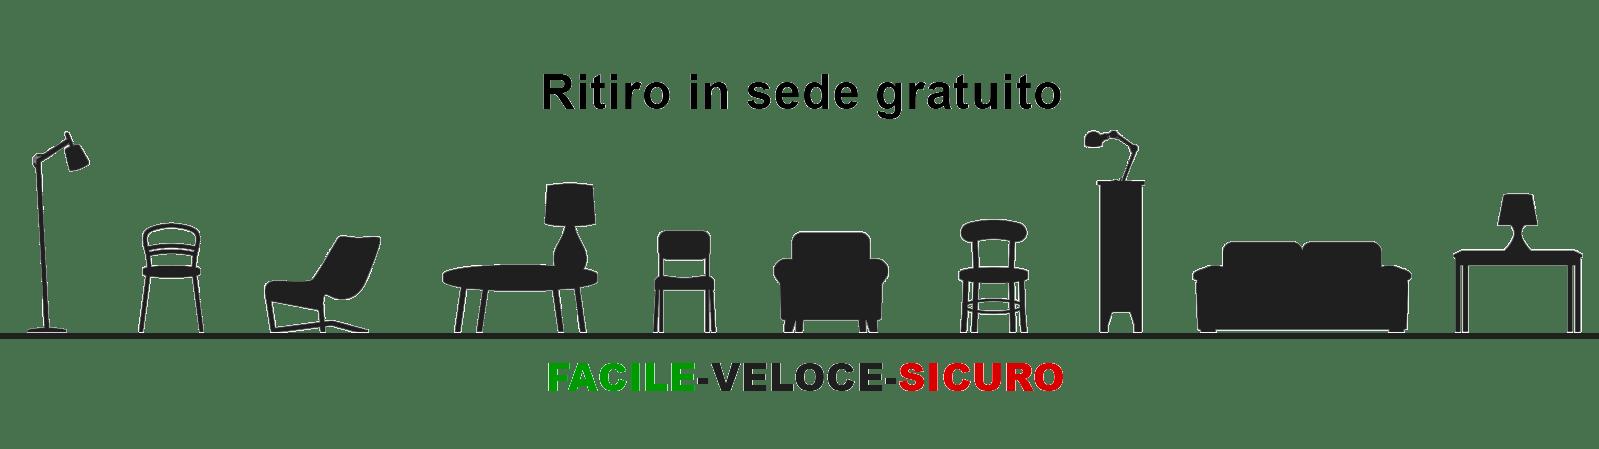 vendita di mobili ed arredamento online, acquista mobili online su pignataro shop